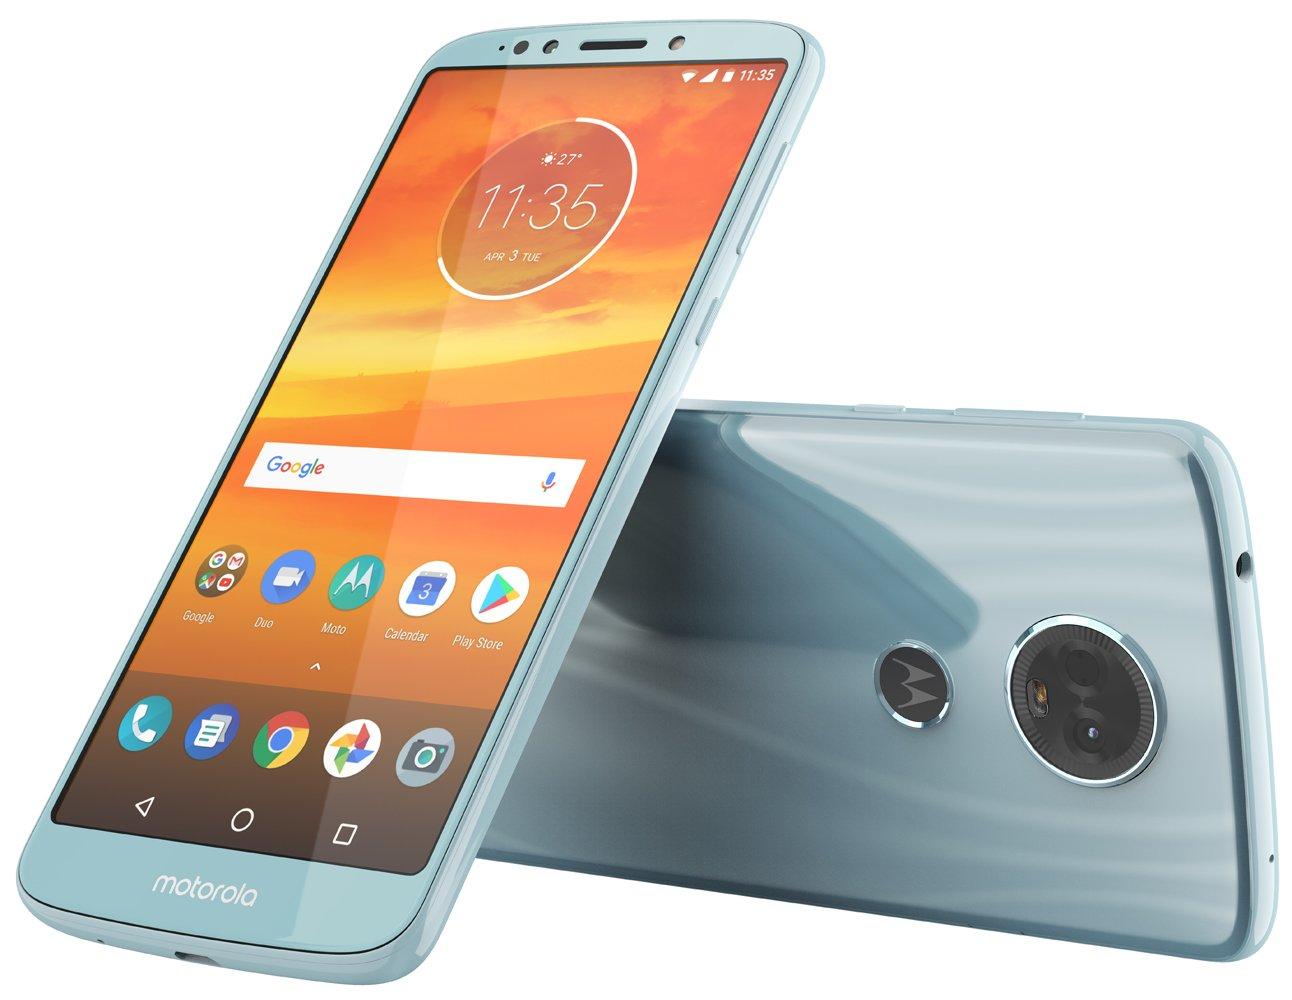 Motorola Moto E5 Plus contaría con una cámara dual en su posterior [Actualizado]